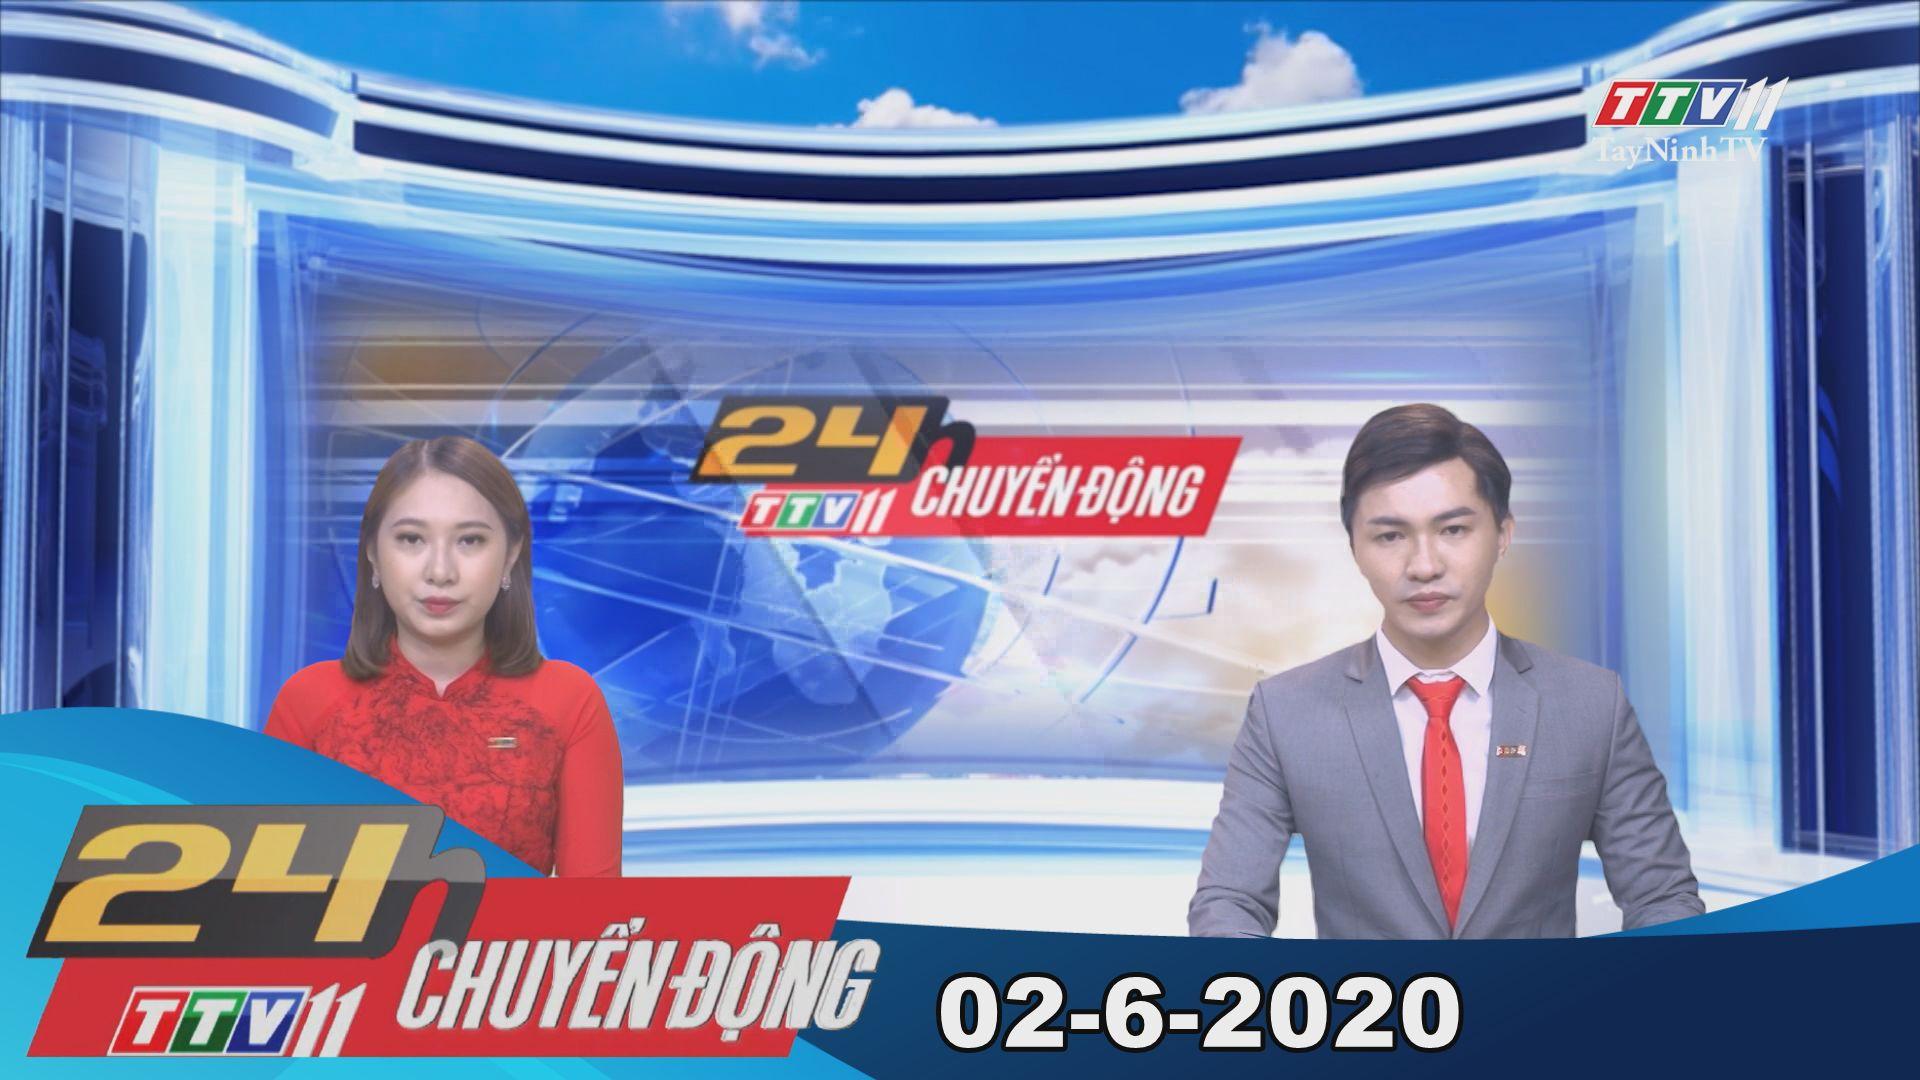 24h Chuyển động 02-6-2020 | Tin tức hôm nay | TayNinhTV